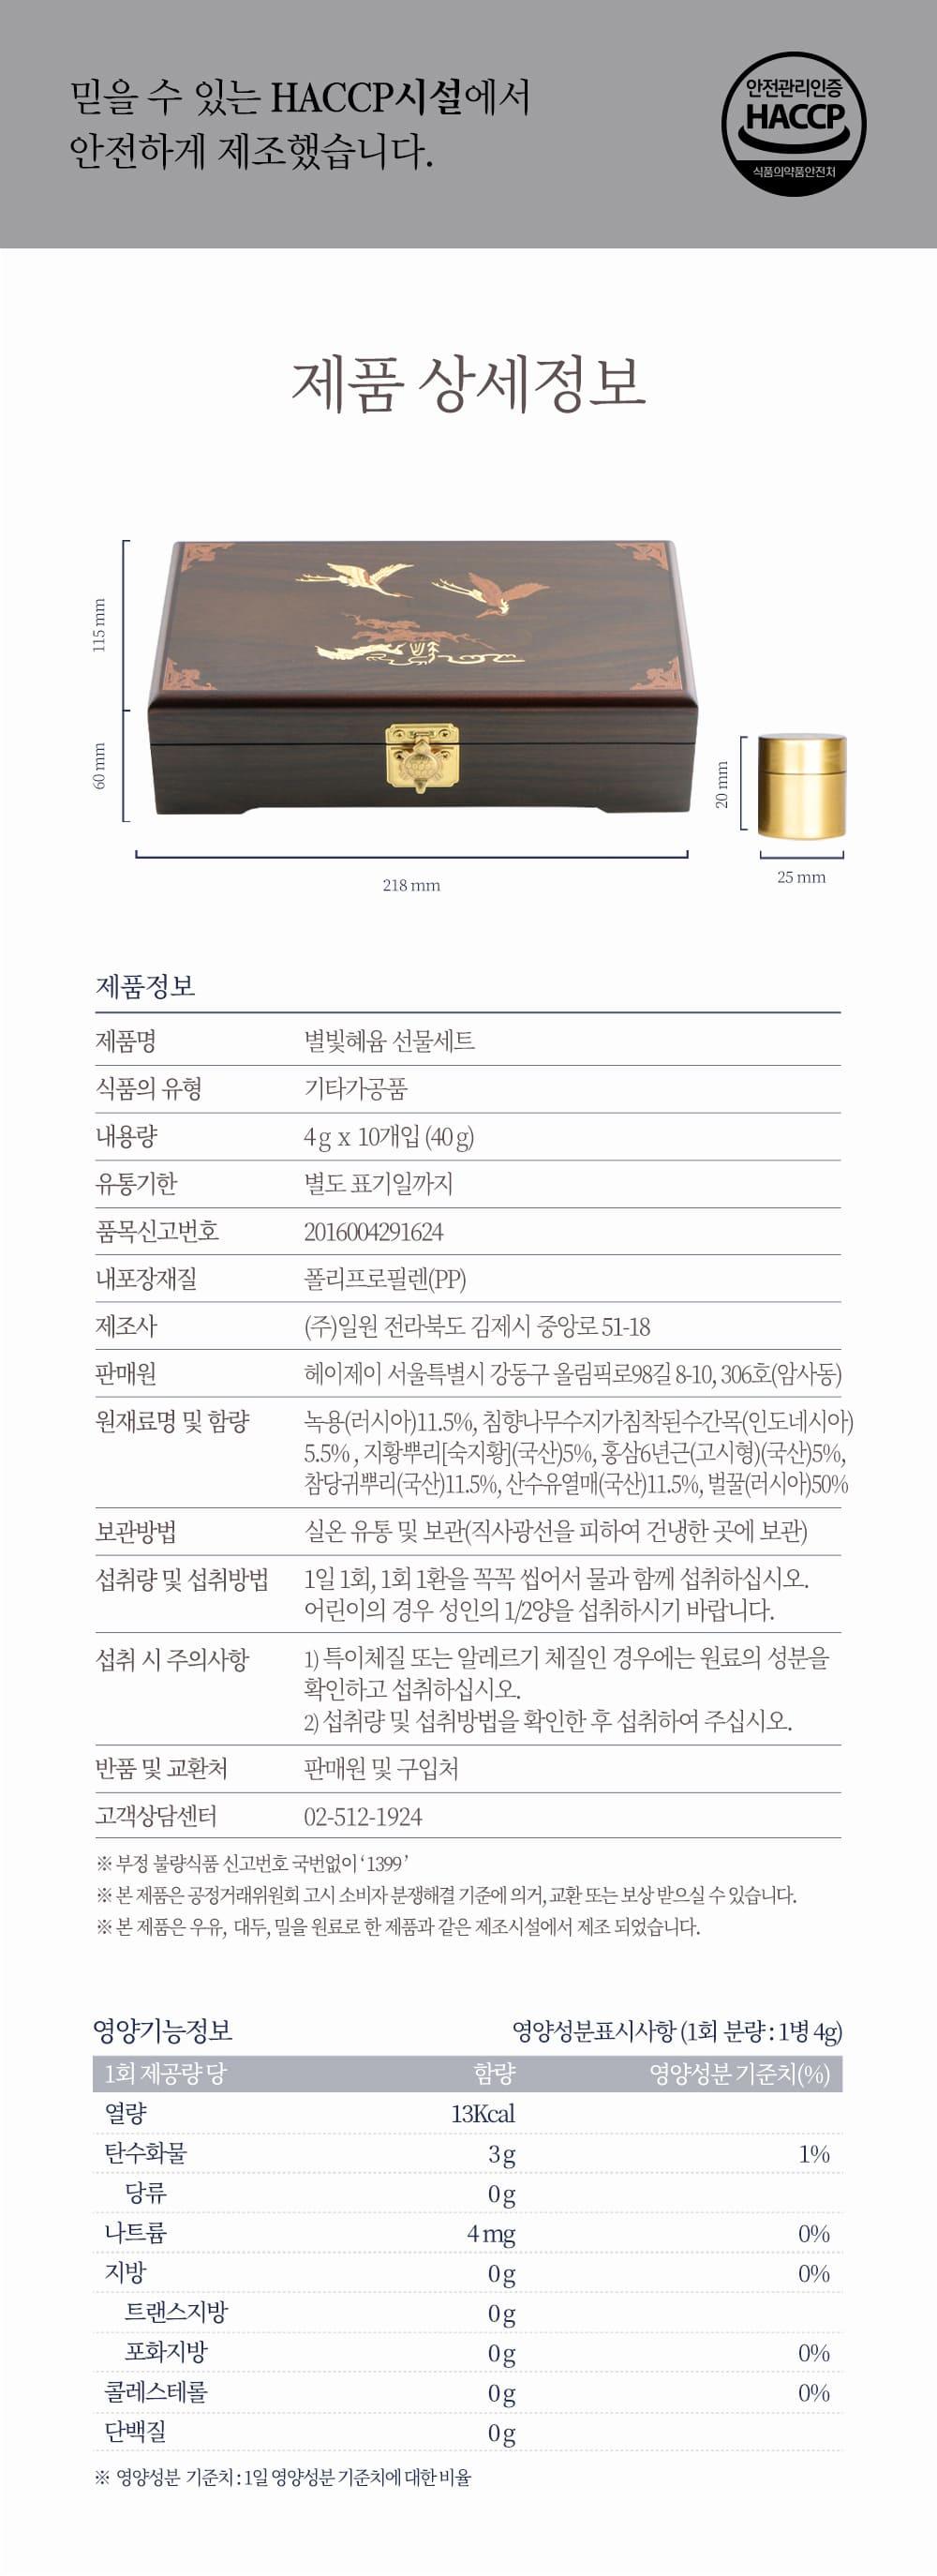 별빛혜윰 선물세트 상품 상세 설명.